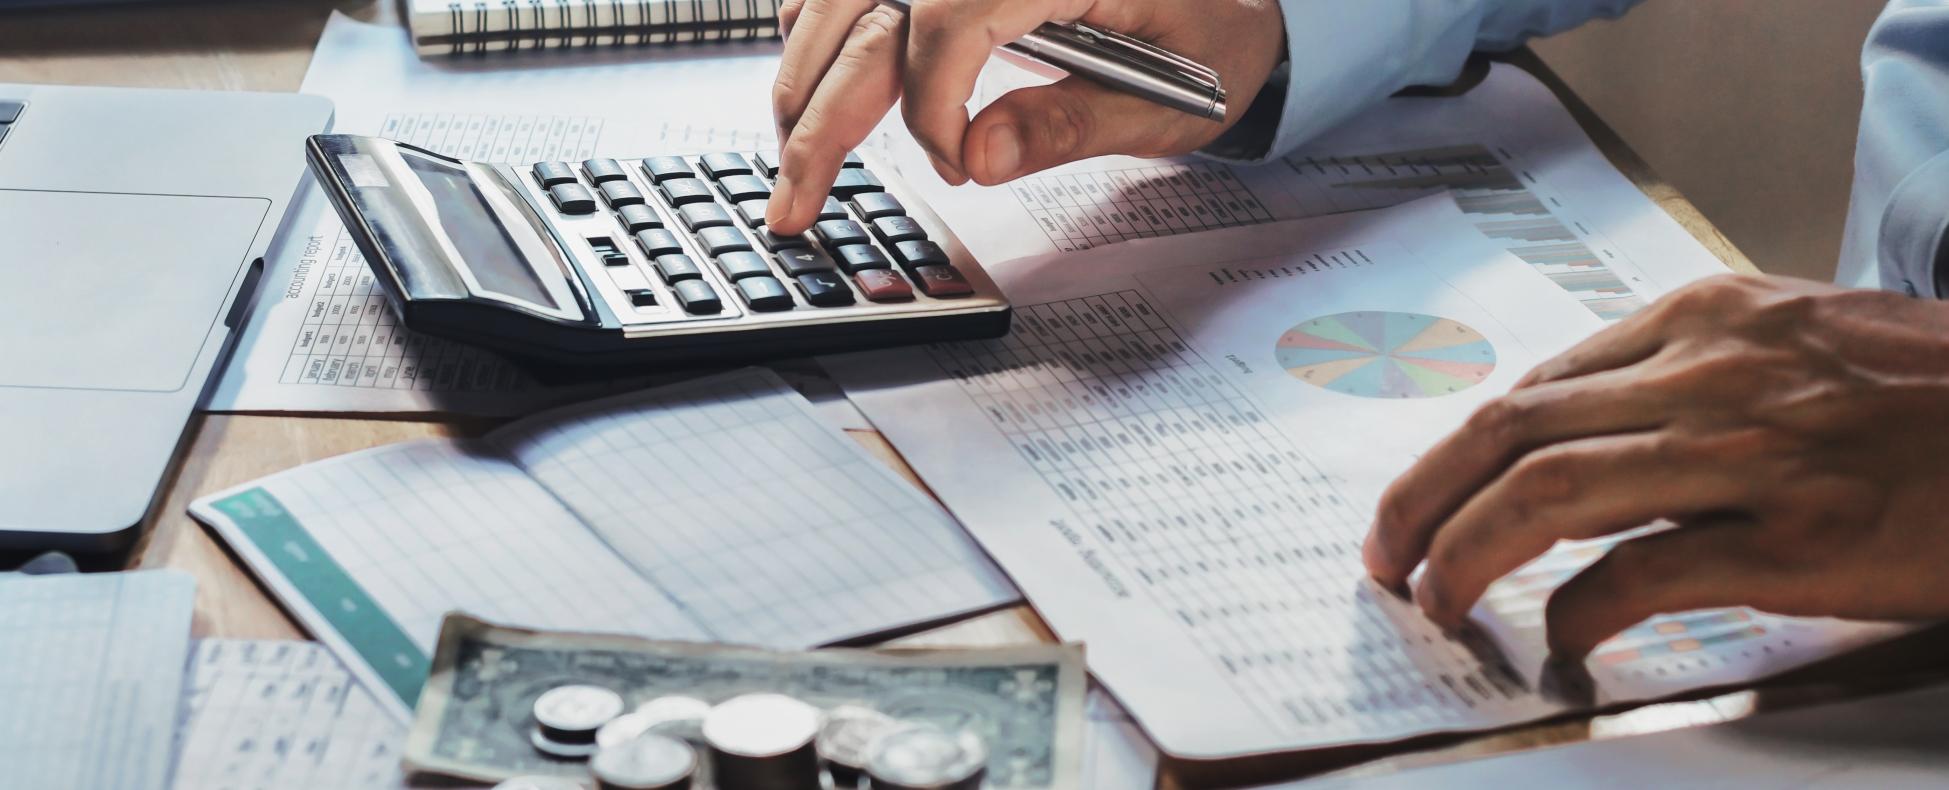 Európai pénzügyi szövetségek szerint is kiemelten fontos a pénzügyi szakemberek képzése